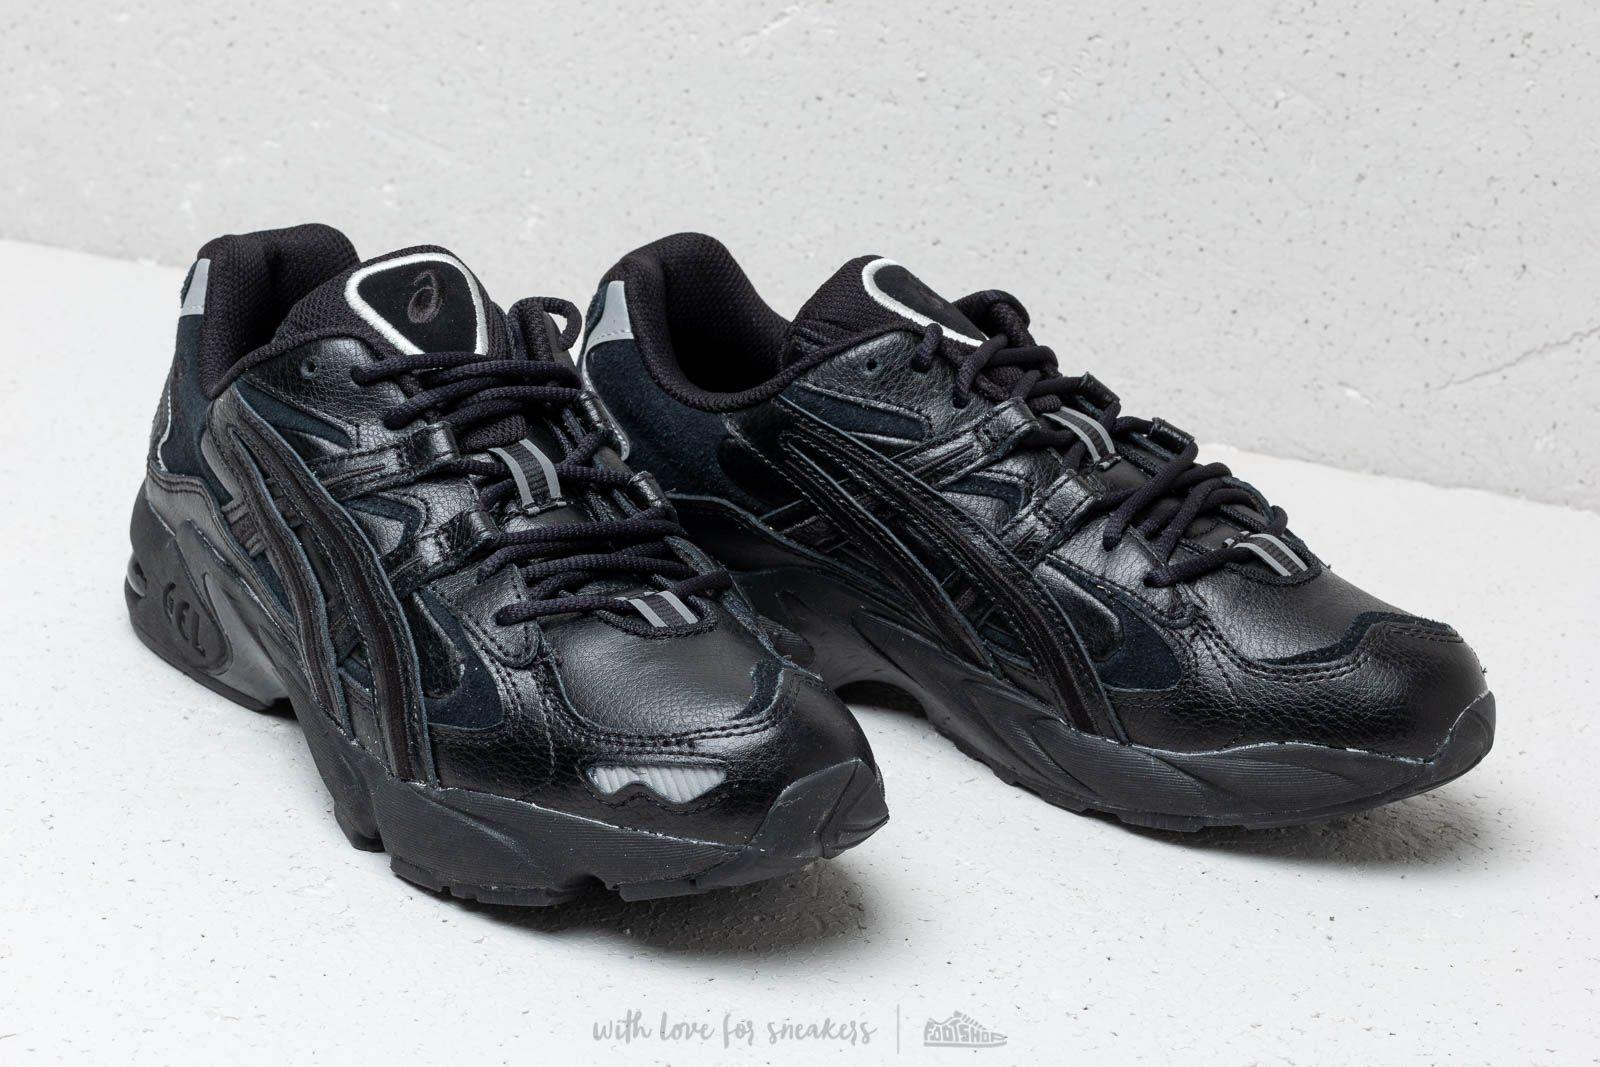 Asics Gel Kayano 5 OG Black Black | Footshop